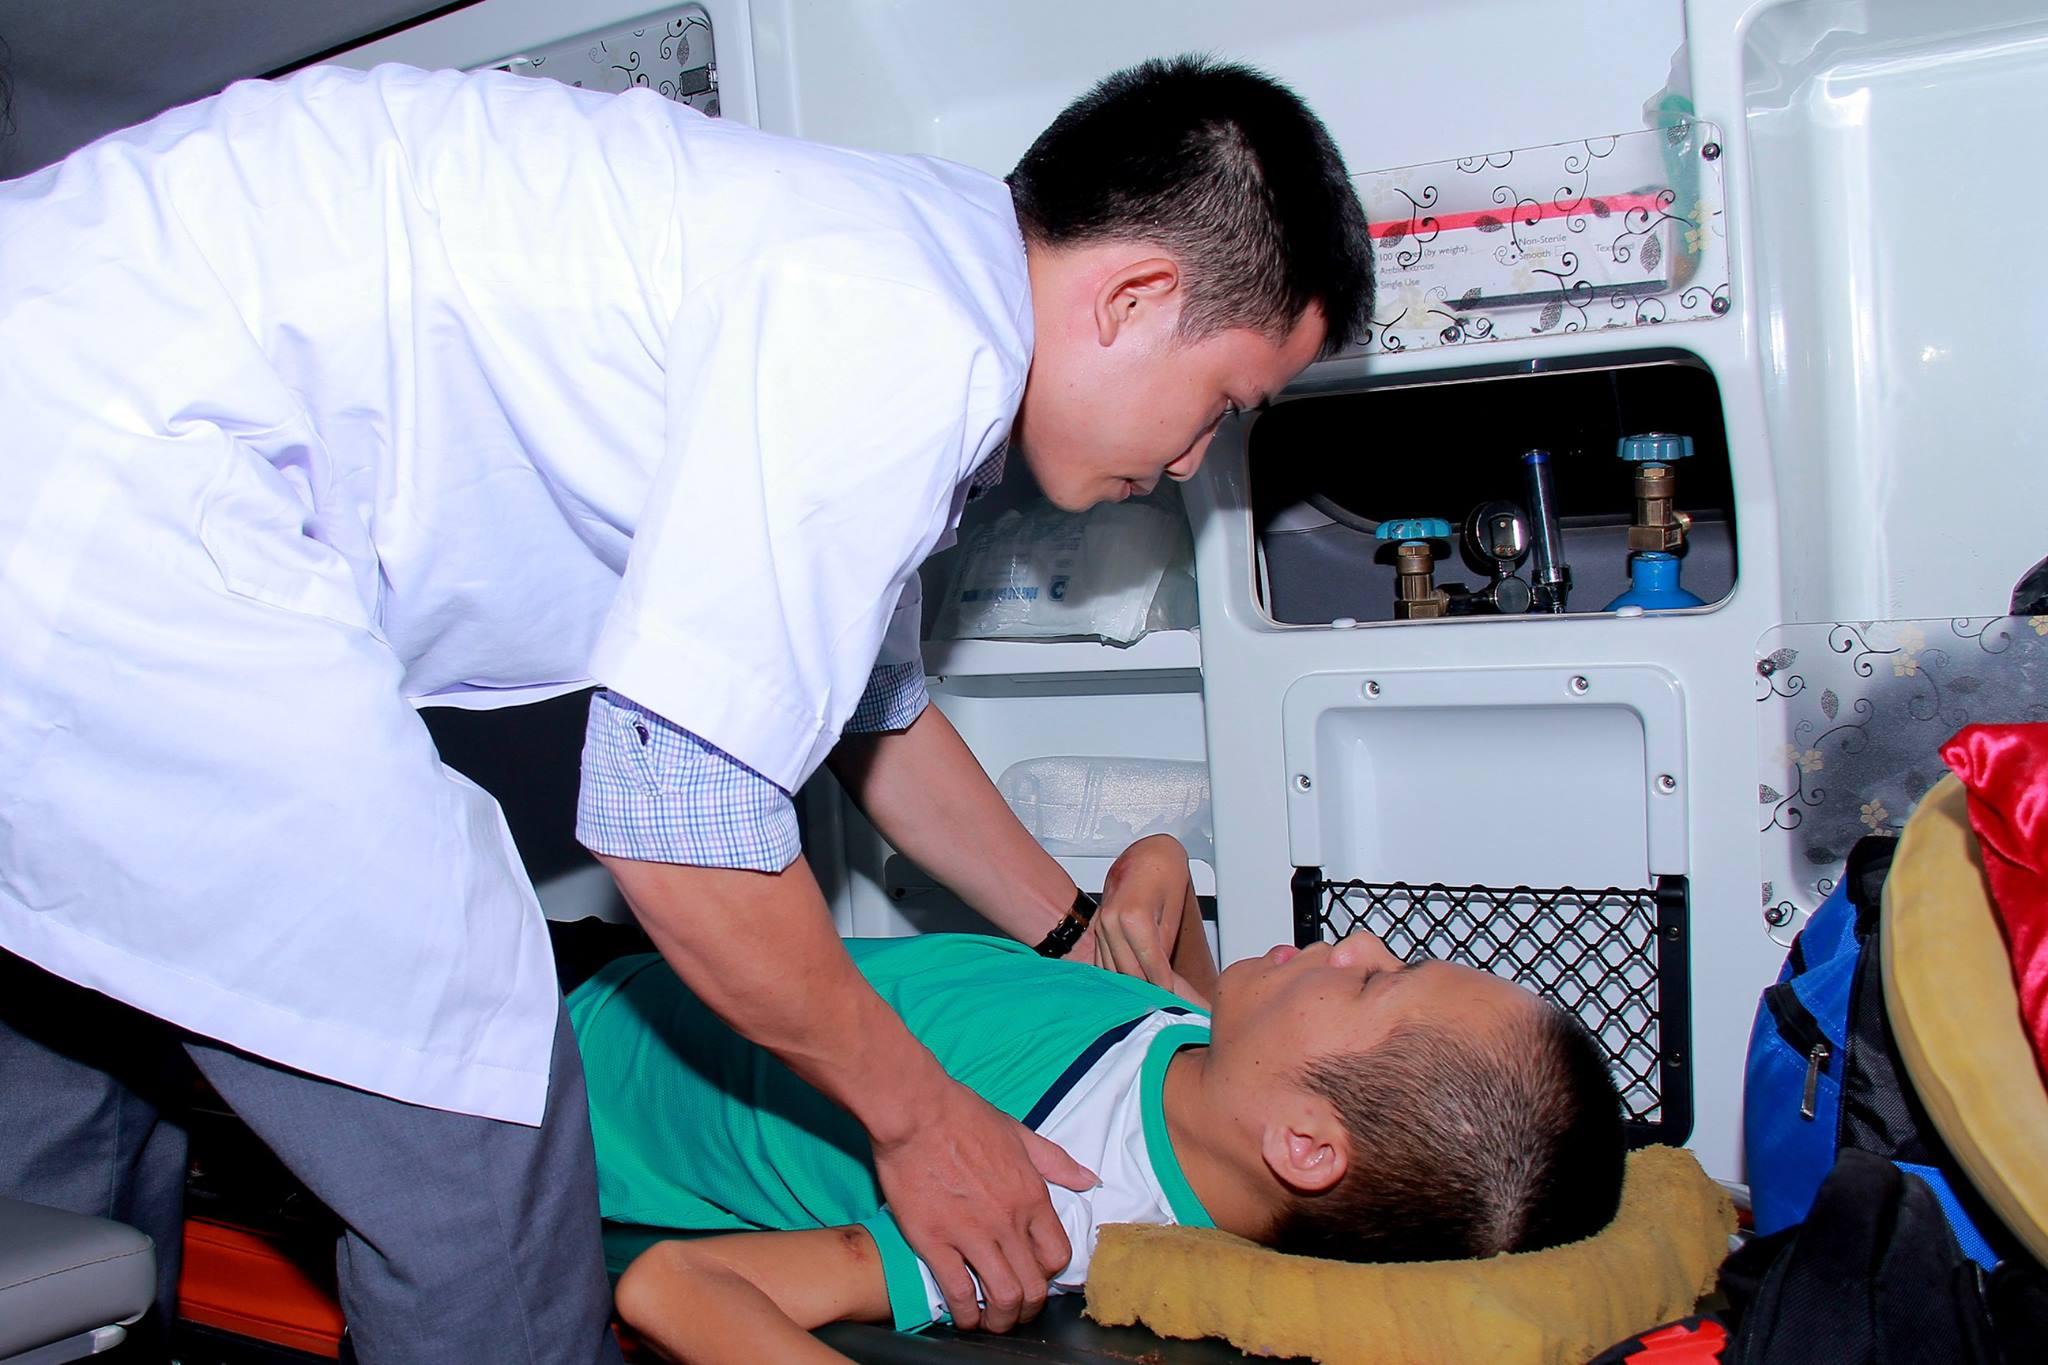 Chàng trai tật nguyền vượt hơn 300km, đến gần hơn với ước mơ hiến đầu cho y học - ảnh 1